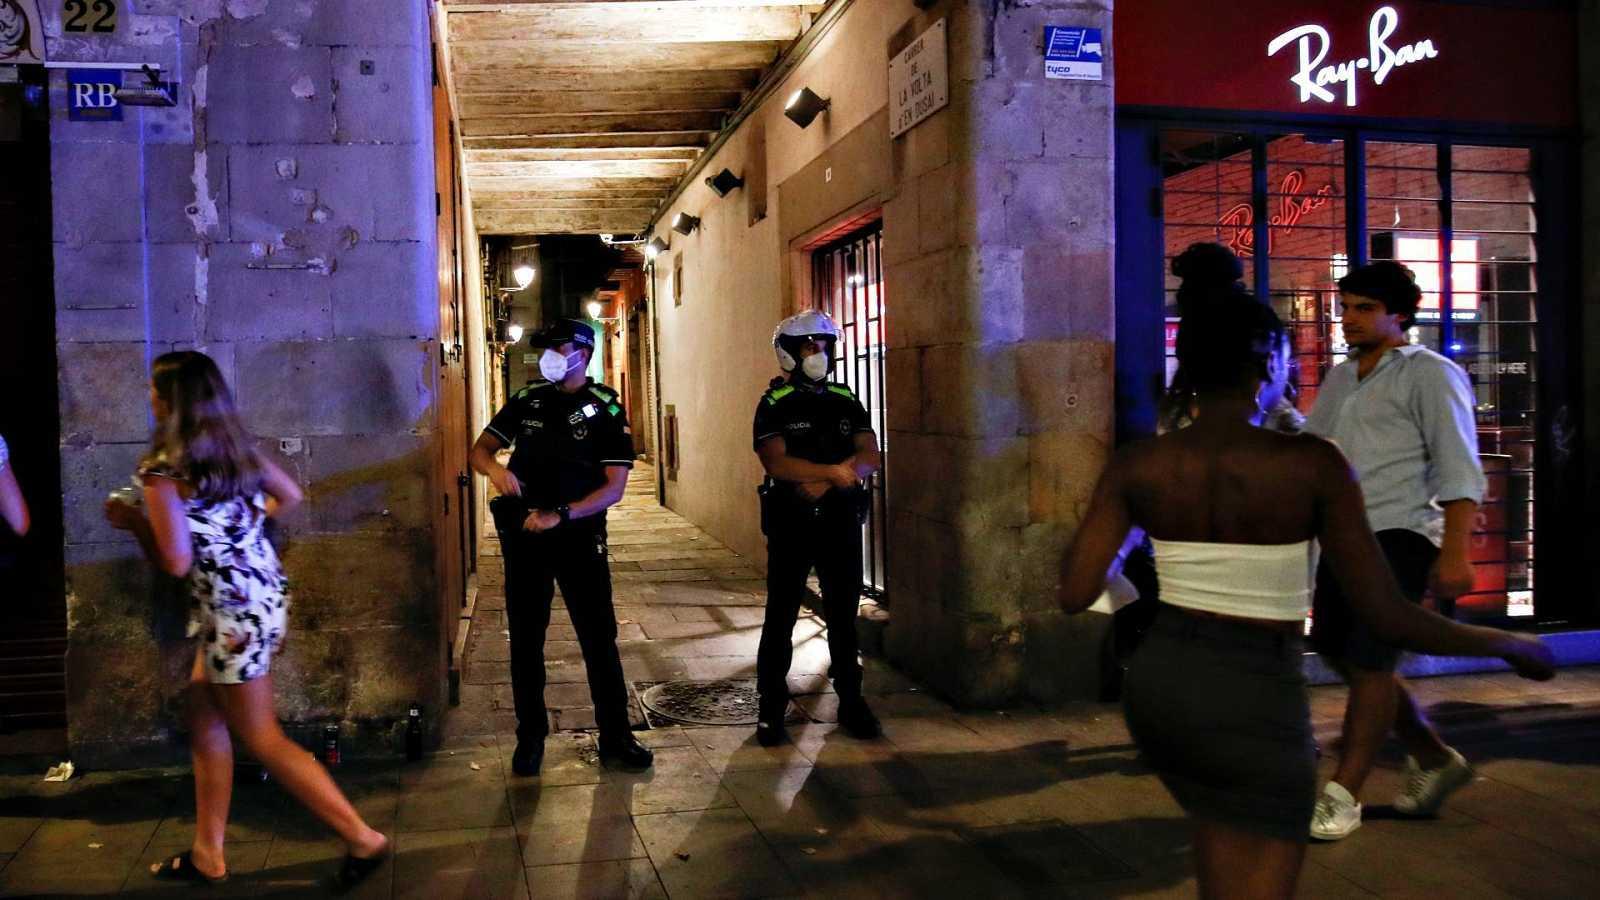 Varios jóvenes sin mascarilla en una calle del centro de Barcelona